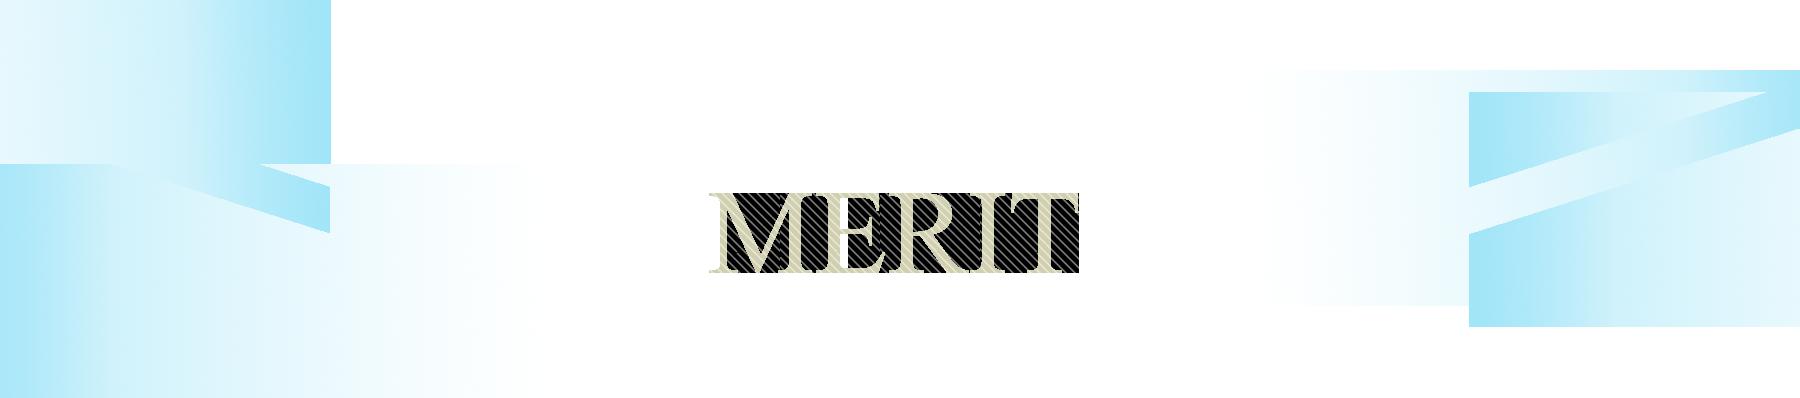 MERITセクションのタイトル